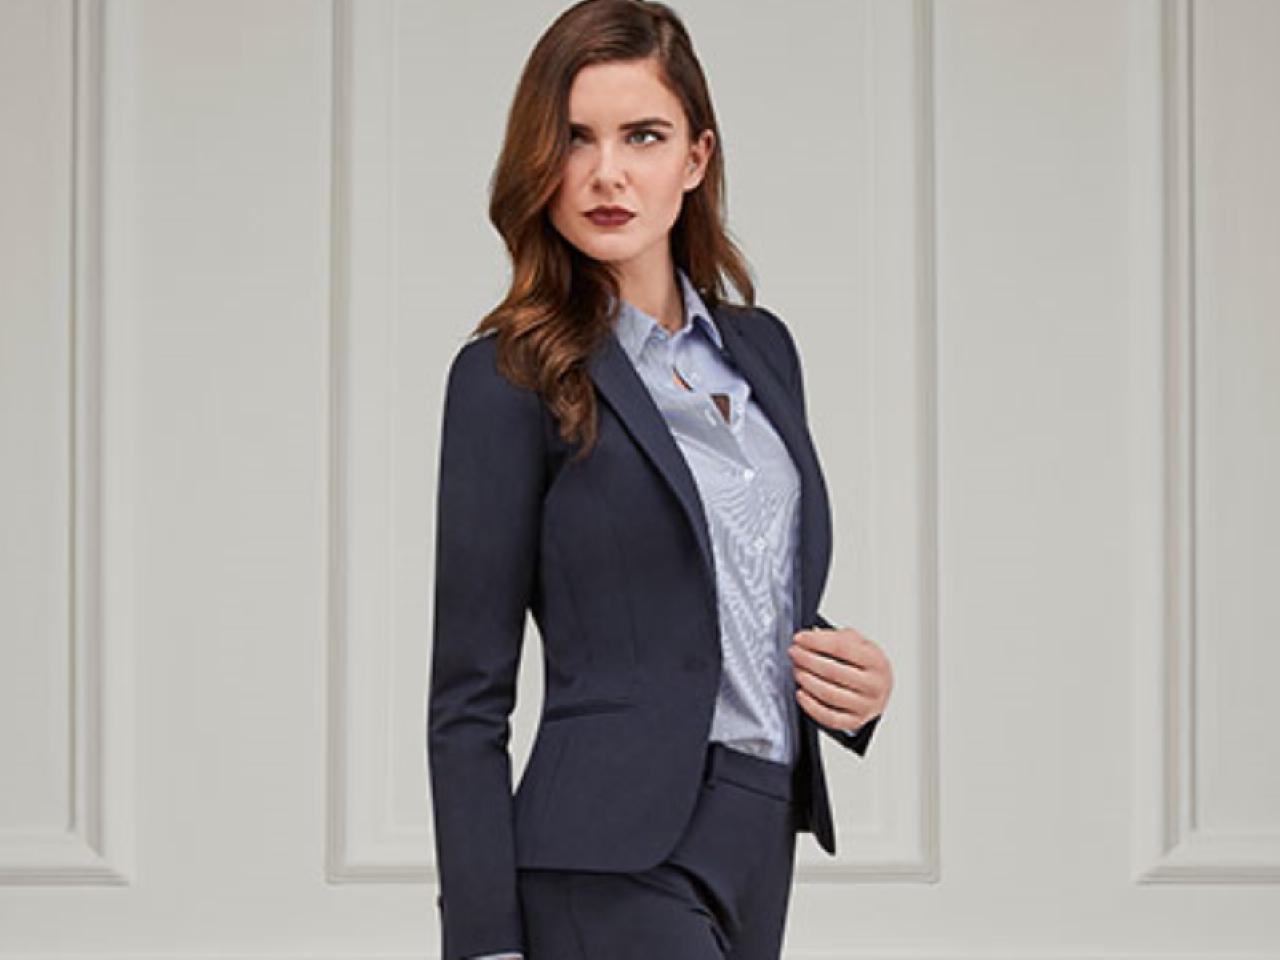 TM Lewin woman in suit